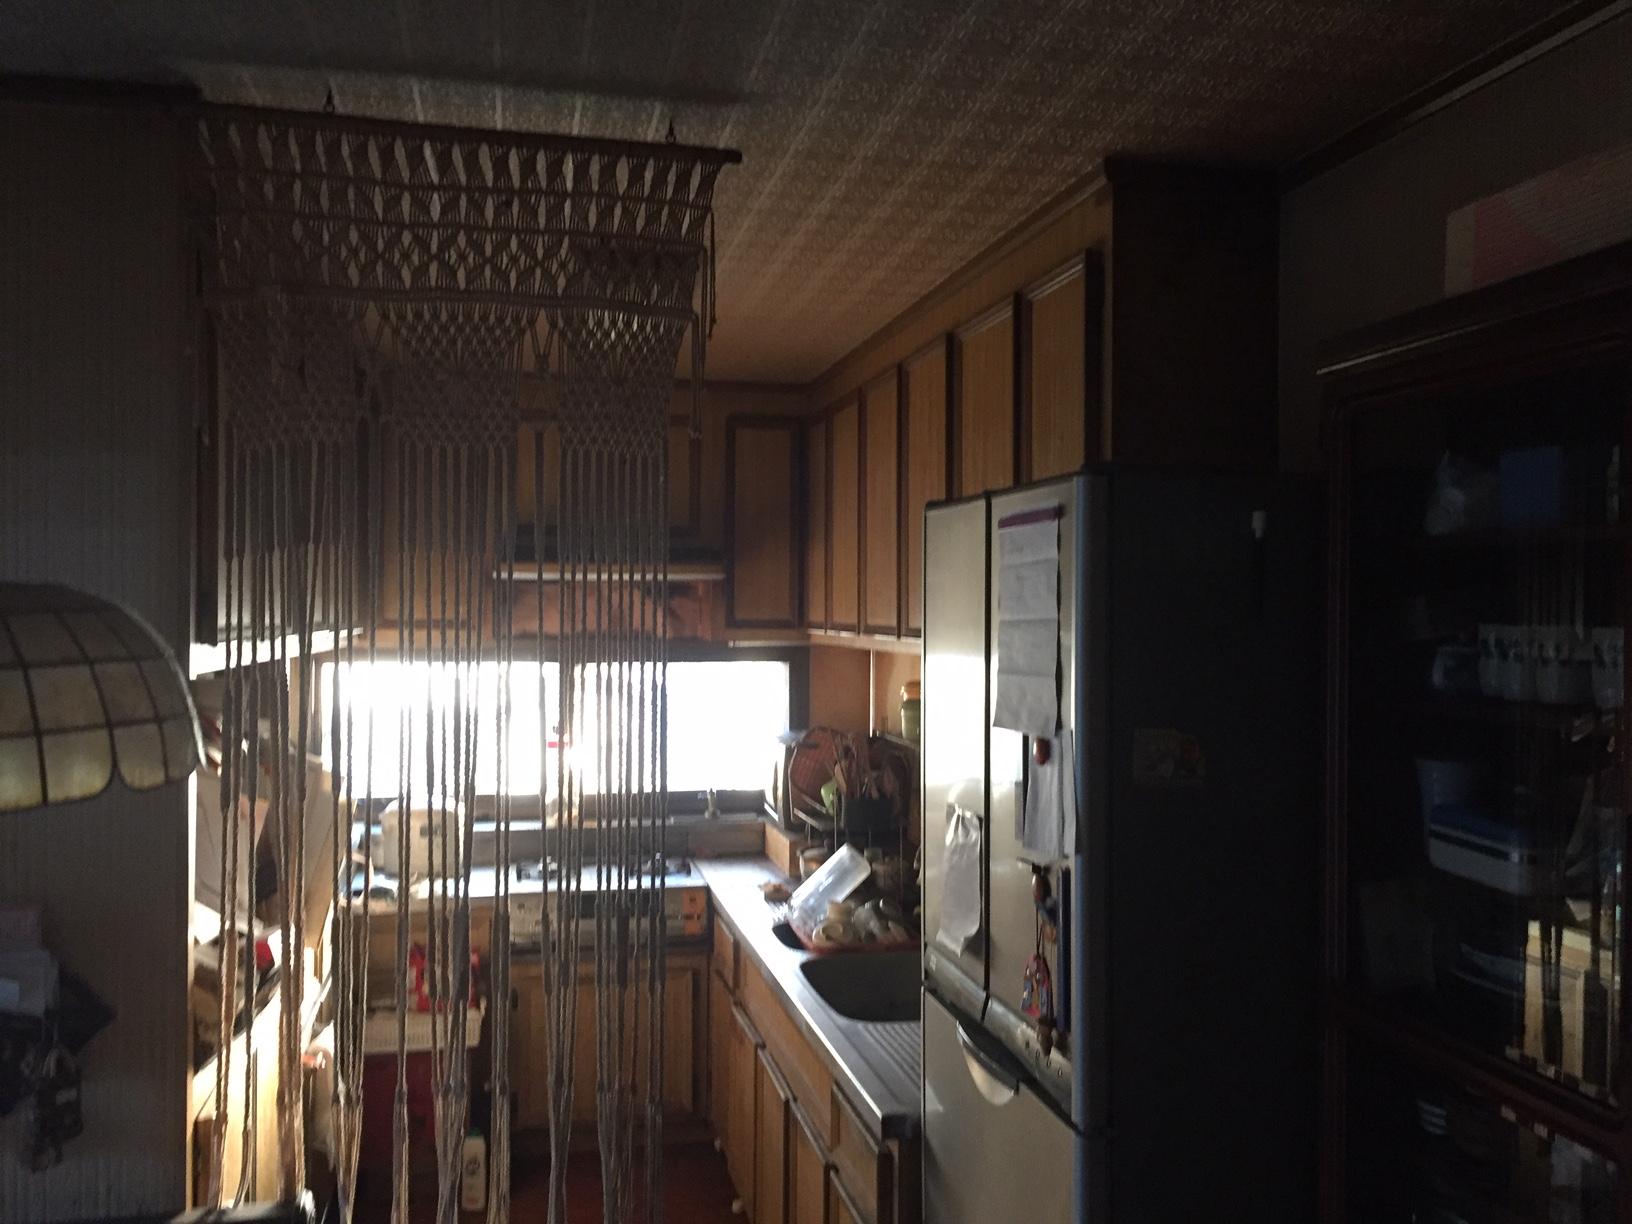 キッチンは造り付の収納で間仕切りになっていました